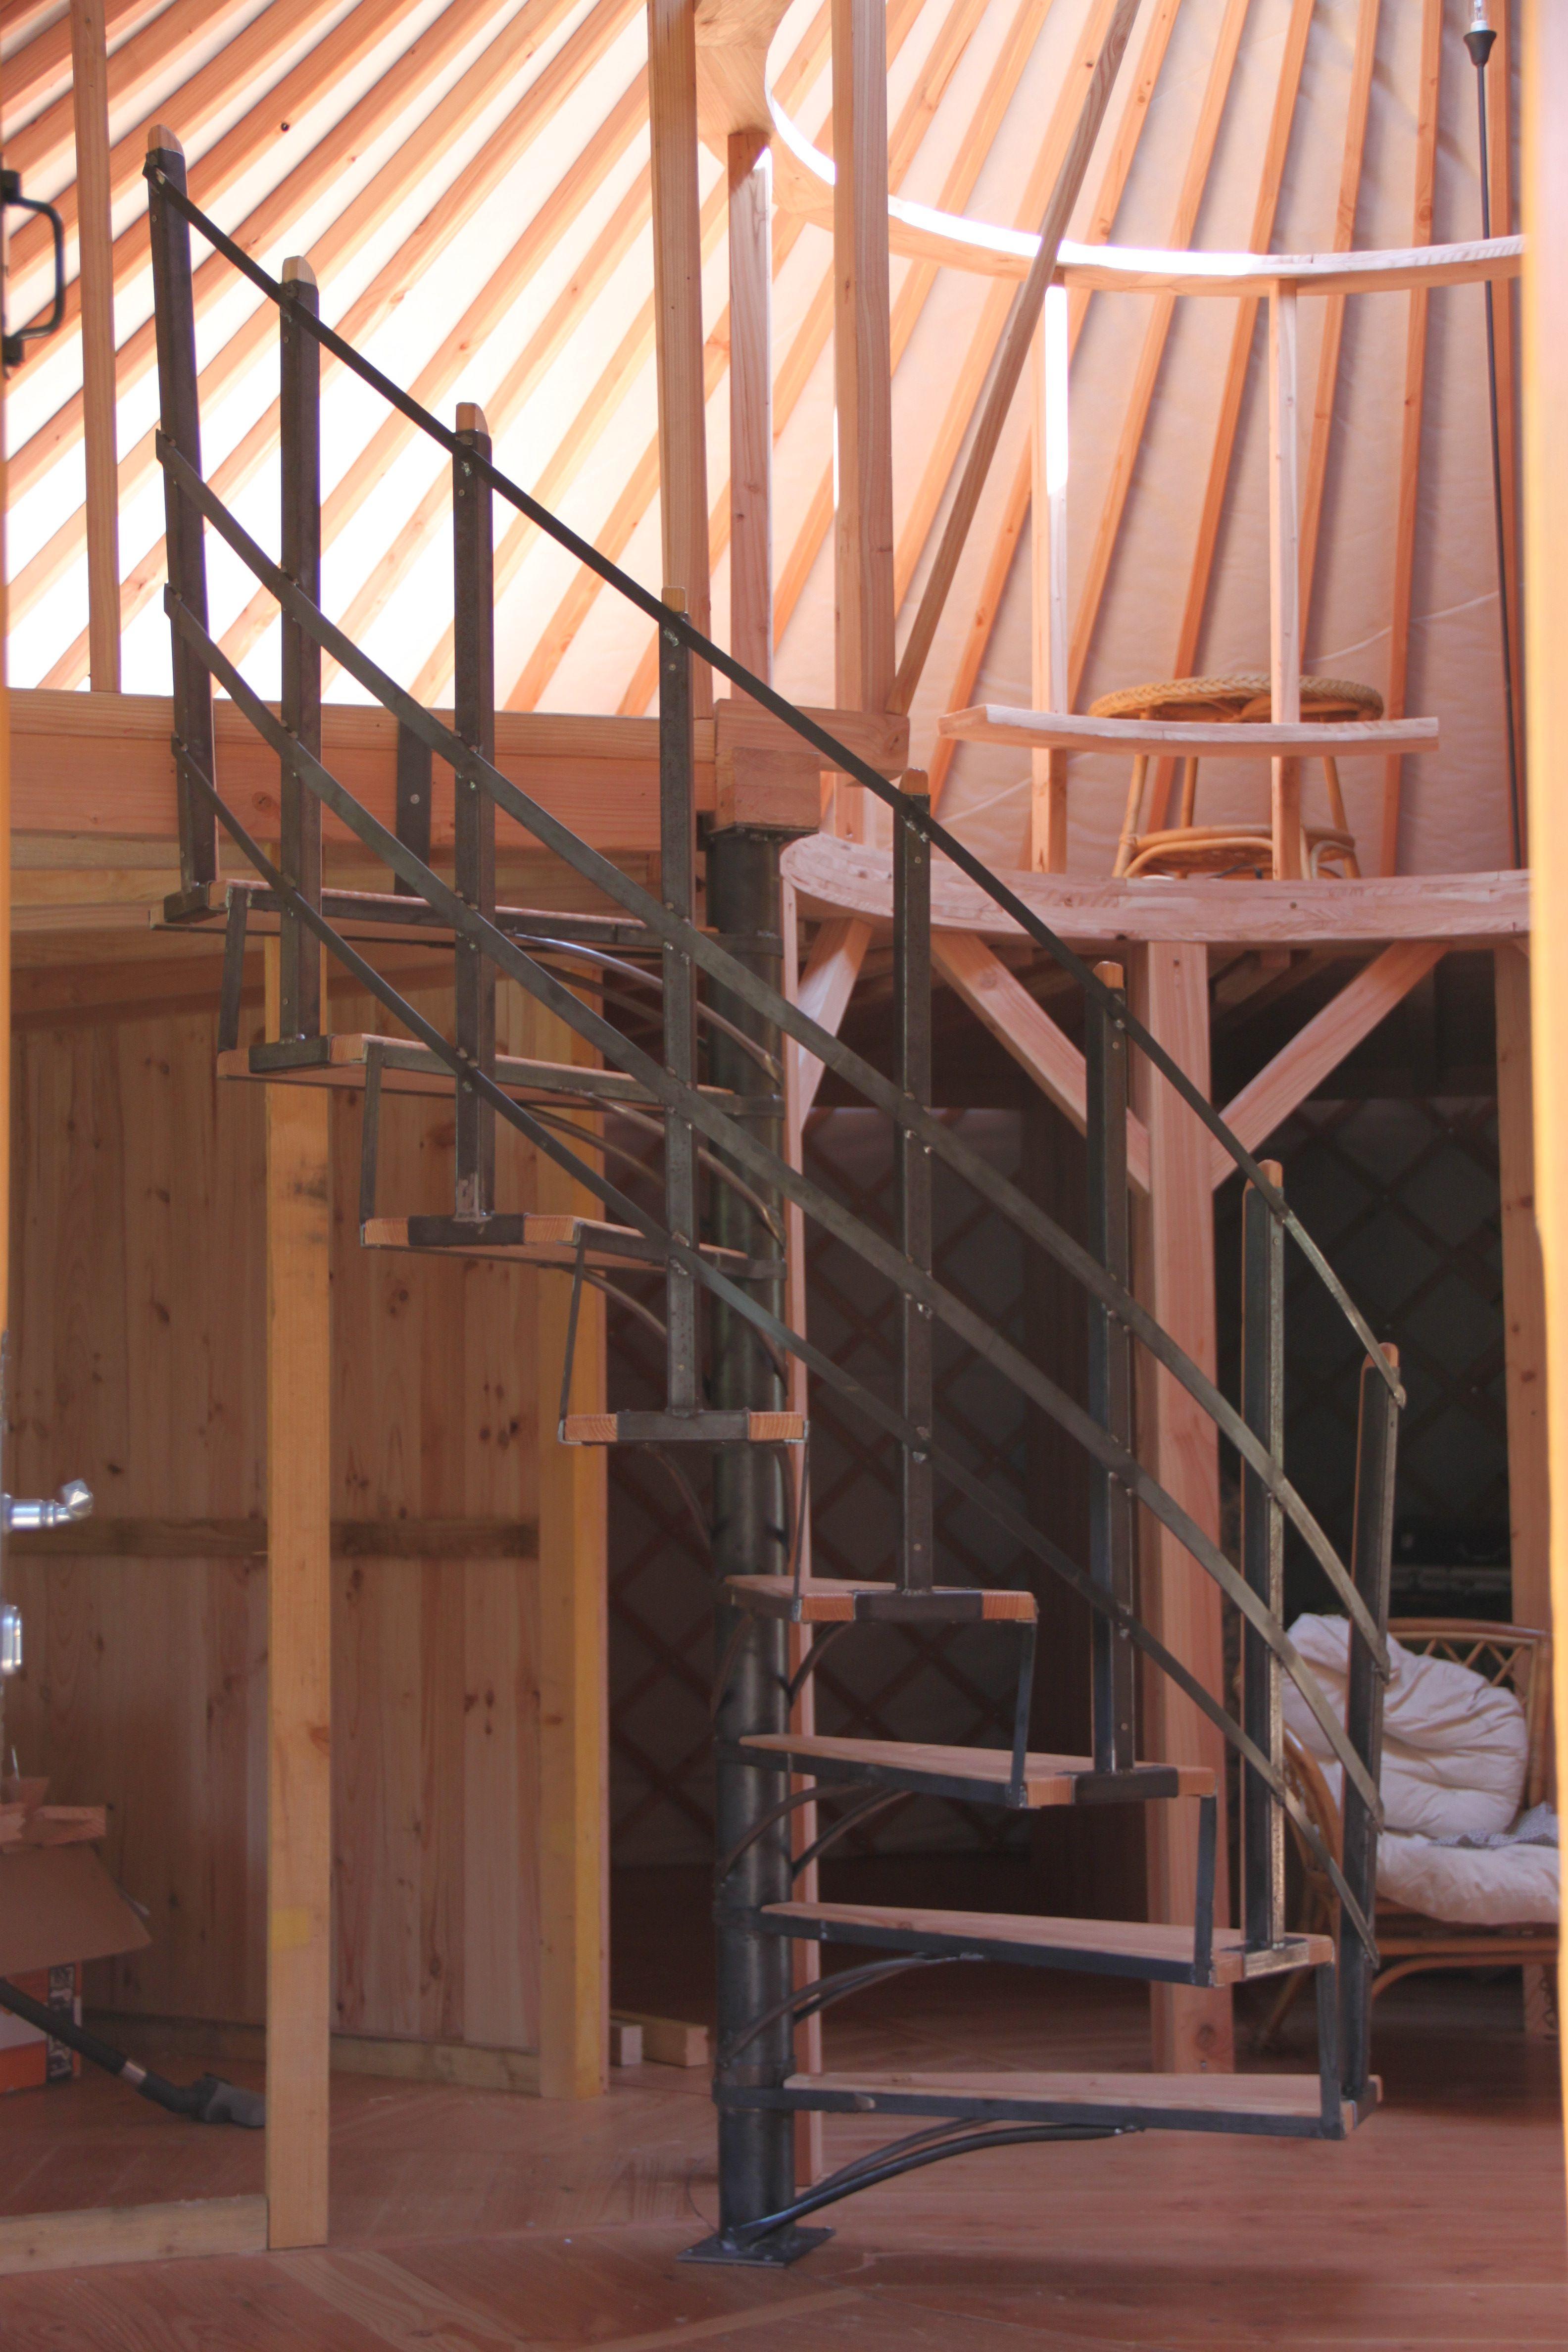 Escalier fabriqué sur mesure pour une yourte contemporaine (une ...